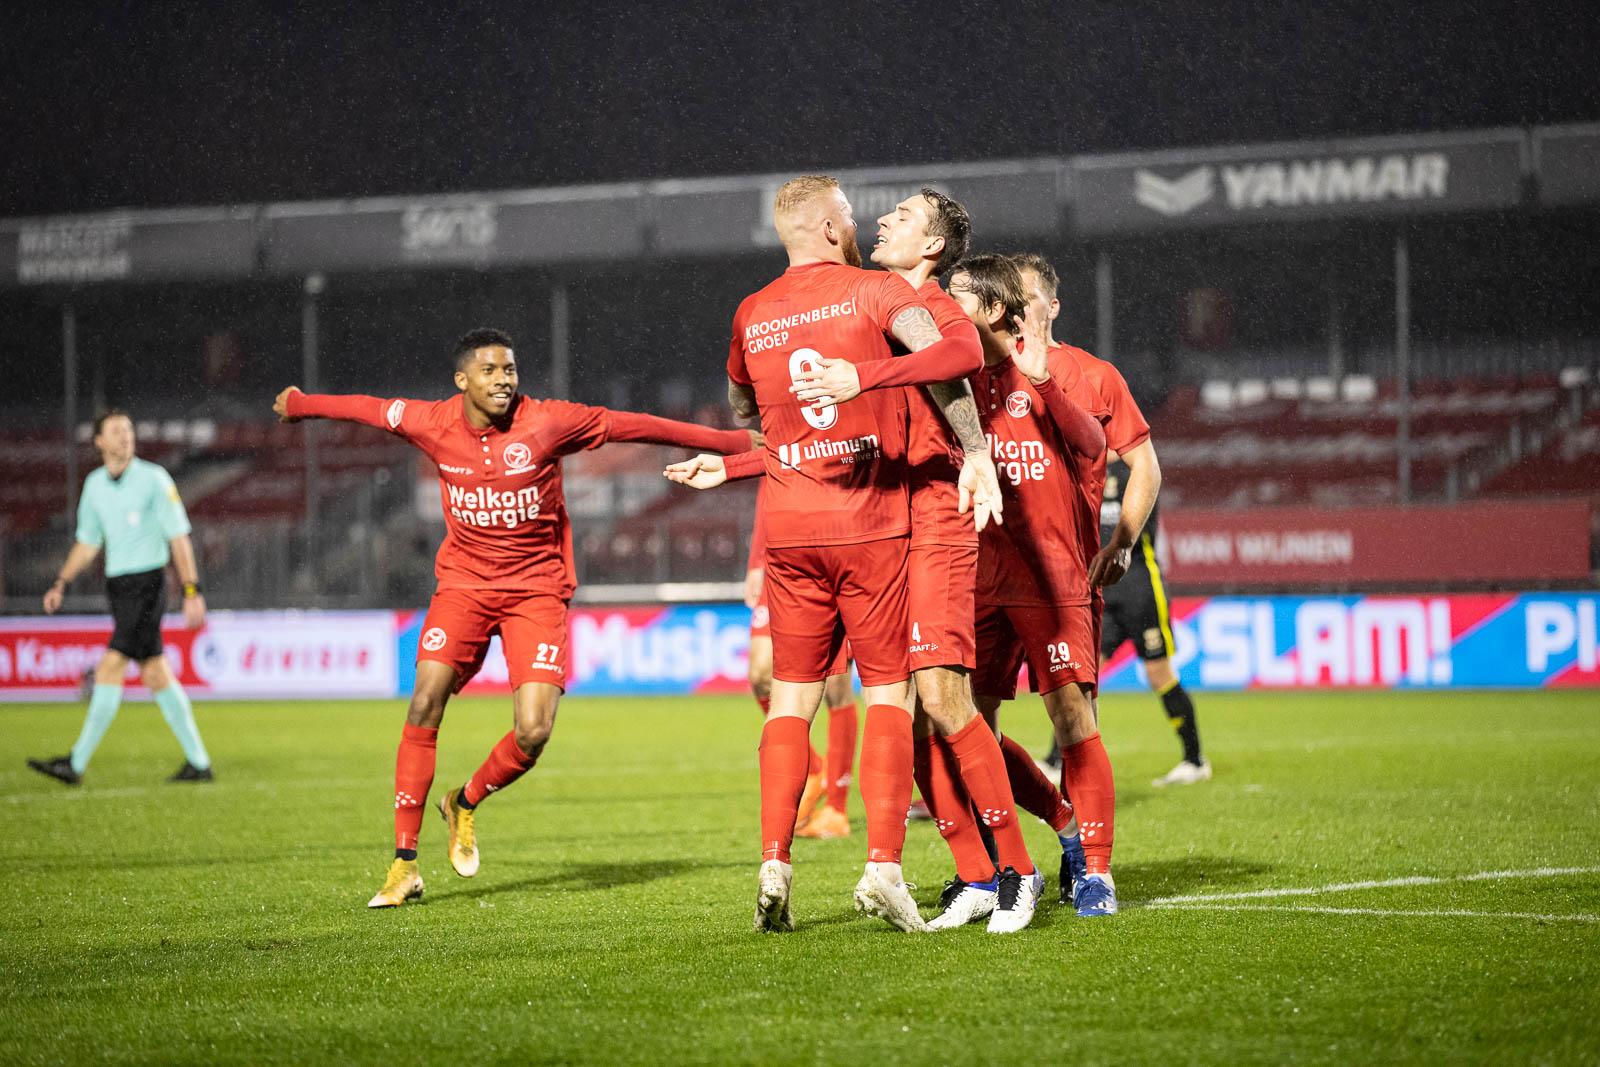 Standaardsituatiesucces voor Almere City FC